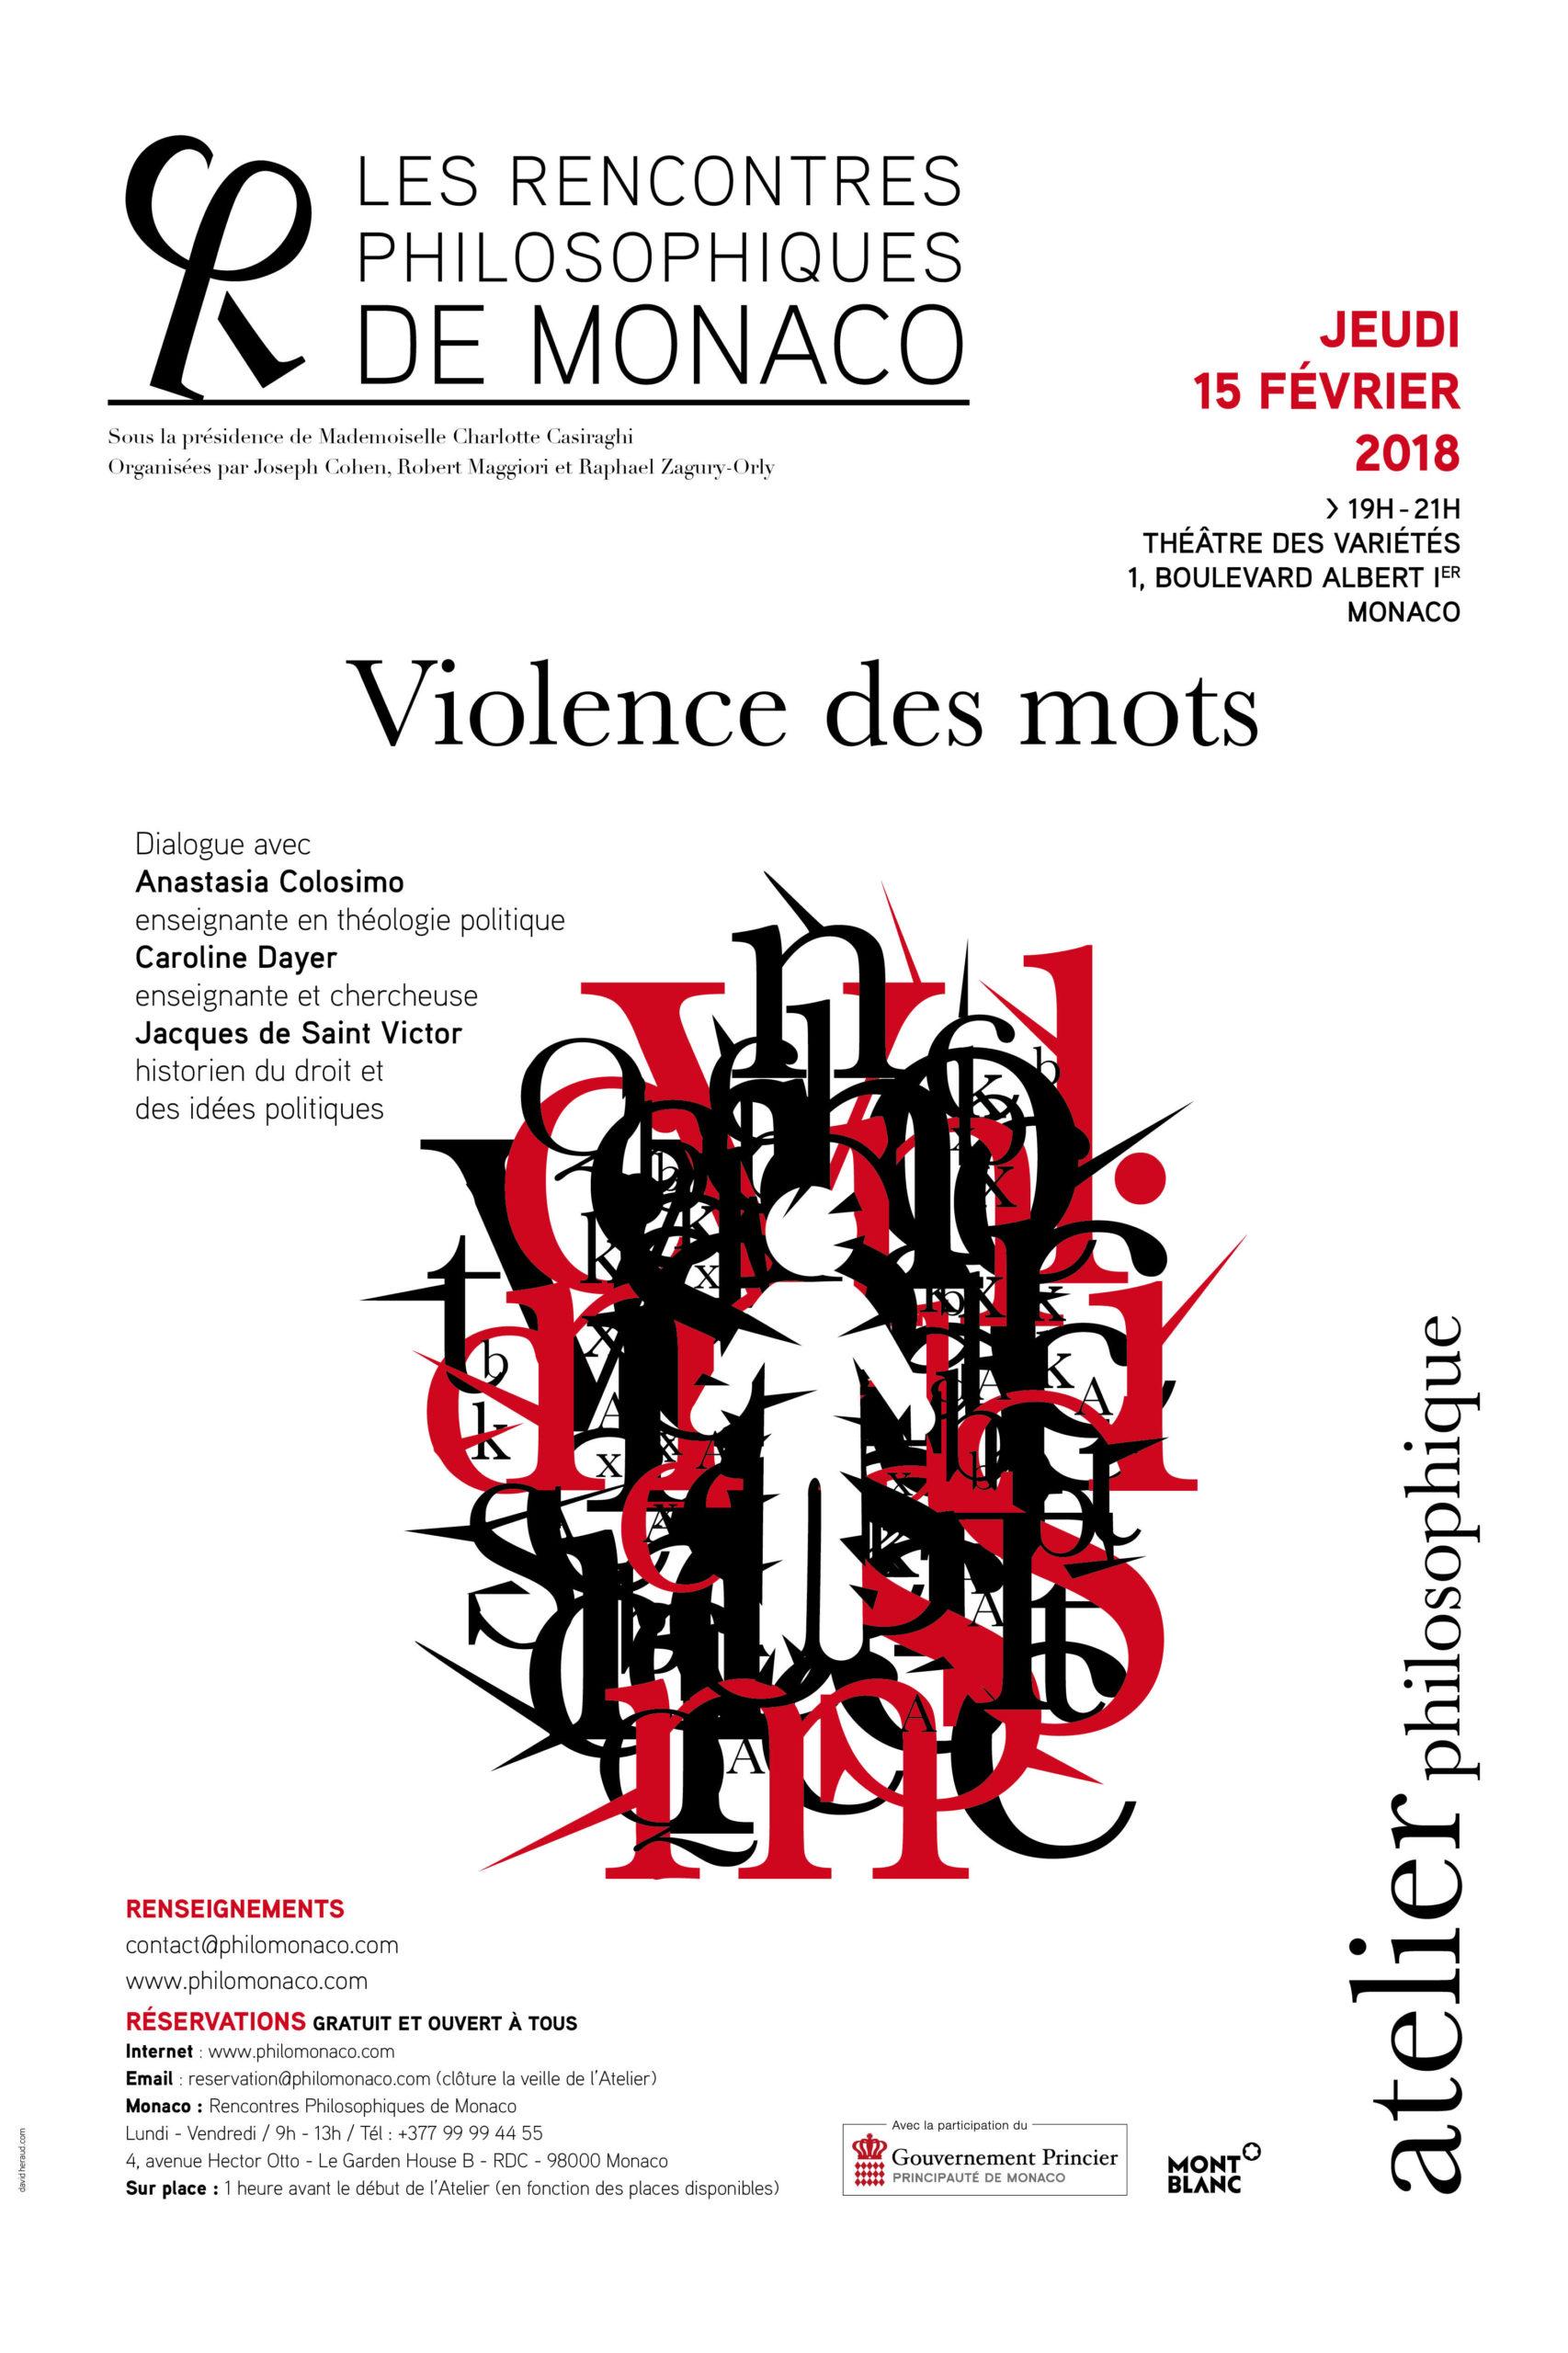 3406, 3406, Affiches 2018 5, affiches-2018-5-scaled.jpg, 401676, https://philomonaco.com/wp-content/uploads/2017/08/affiches-2018-5-scaled.jpg, https://philomonaco.com/atelier/origines-de-violence/affiches-2018-5/, , 2, , , affiches-2018-5, inherit, 3394, 2017-08-23 19:10:42, 2017-08-23 21:04:15, 0, image/jpeg, image, jpeg, https://philomonaco.com/wp-includes/images/media/default.png, 3148, 4724, Array